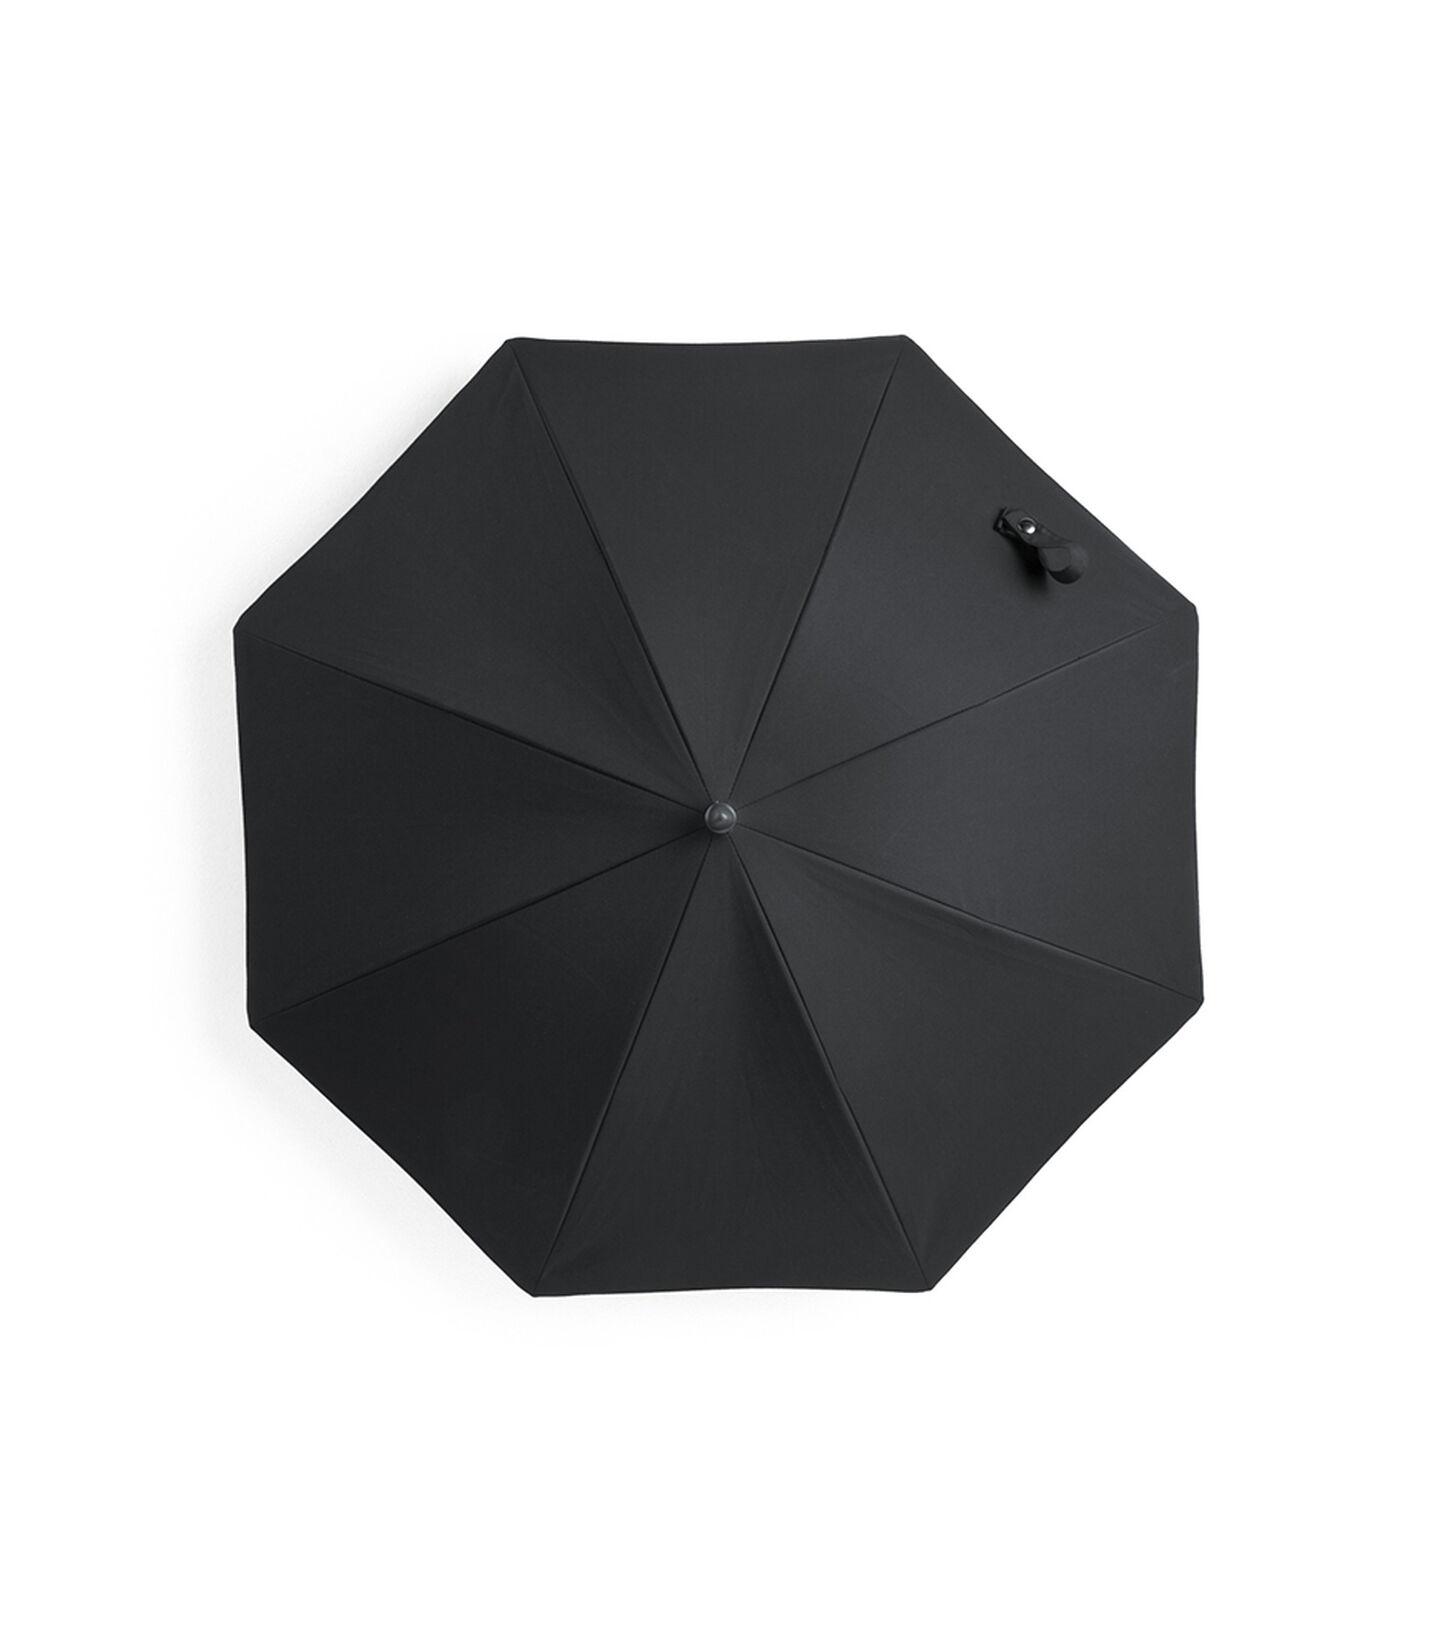 Stokke® Stroller Black Parasol Black, Nero, mainview